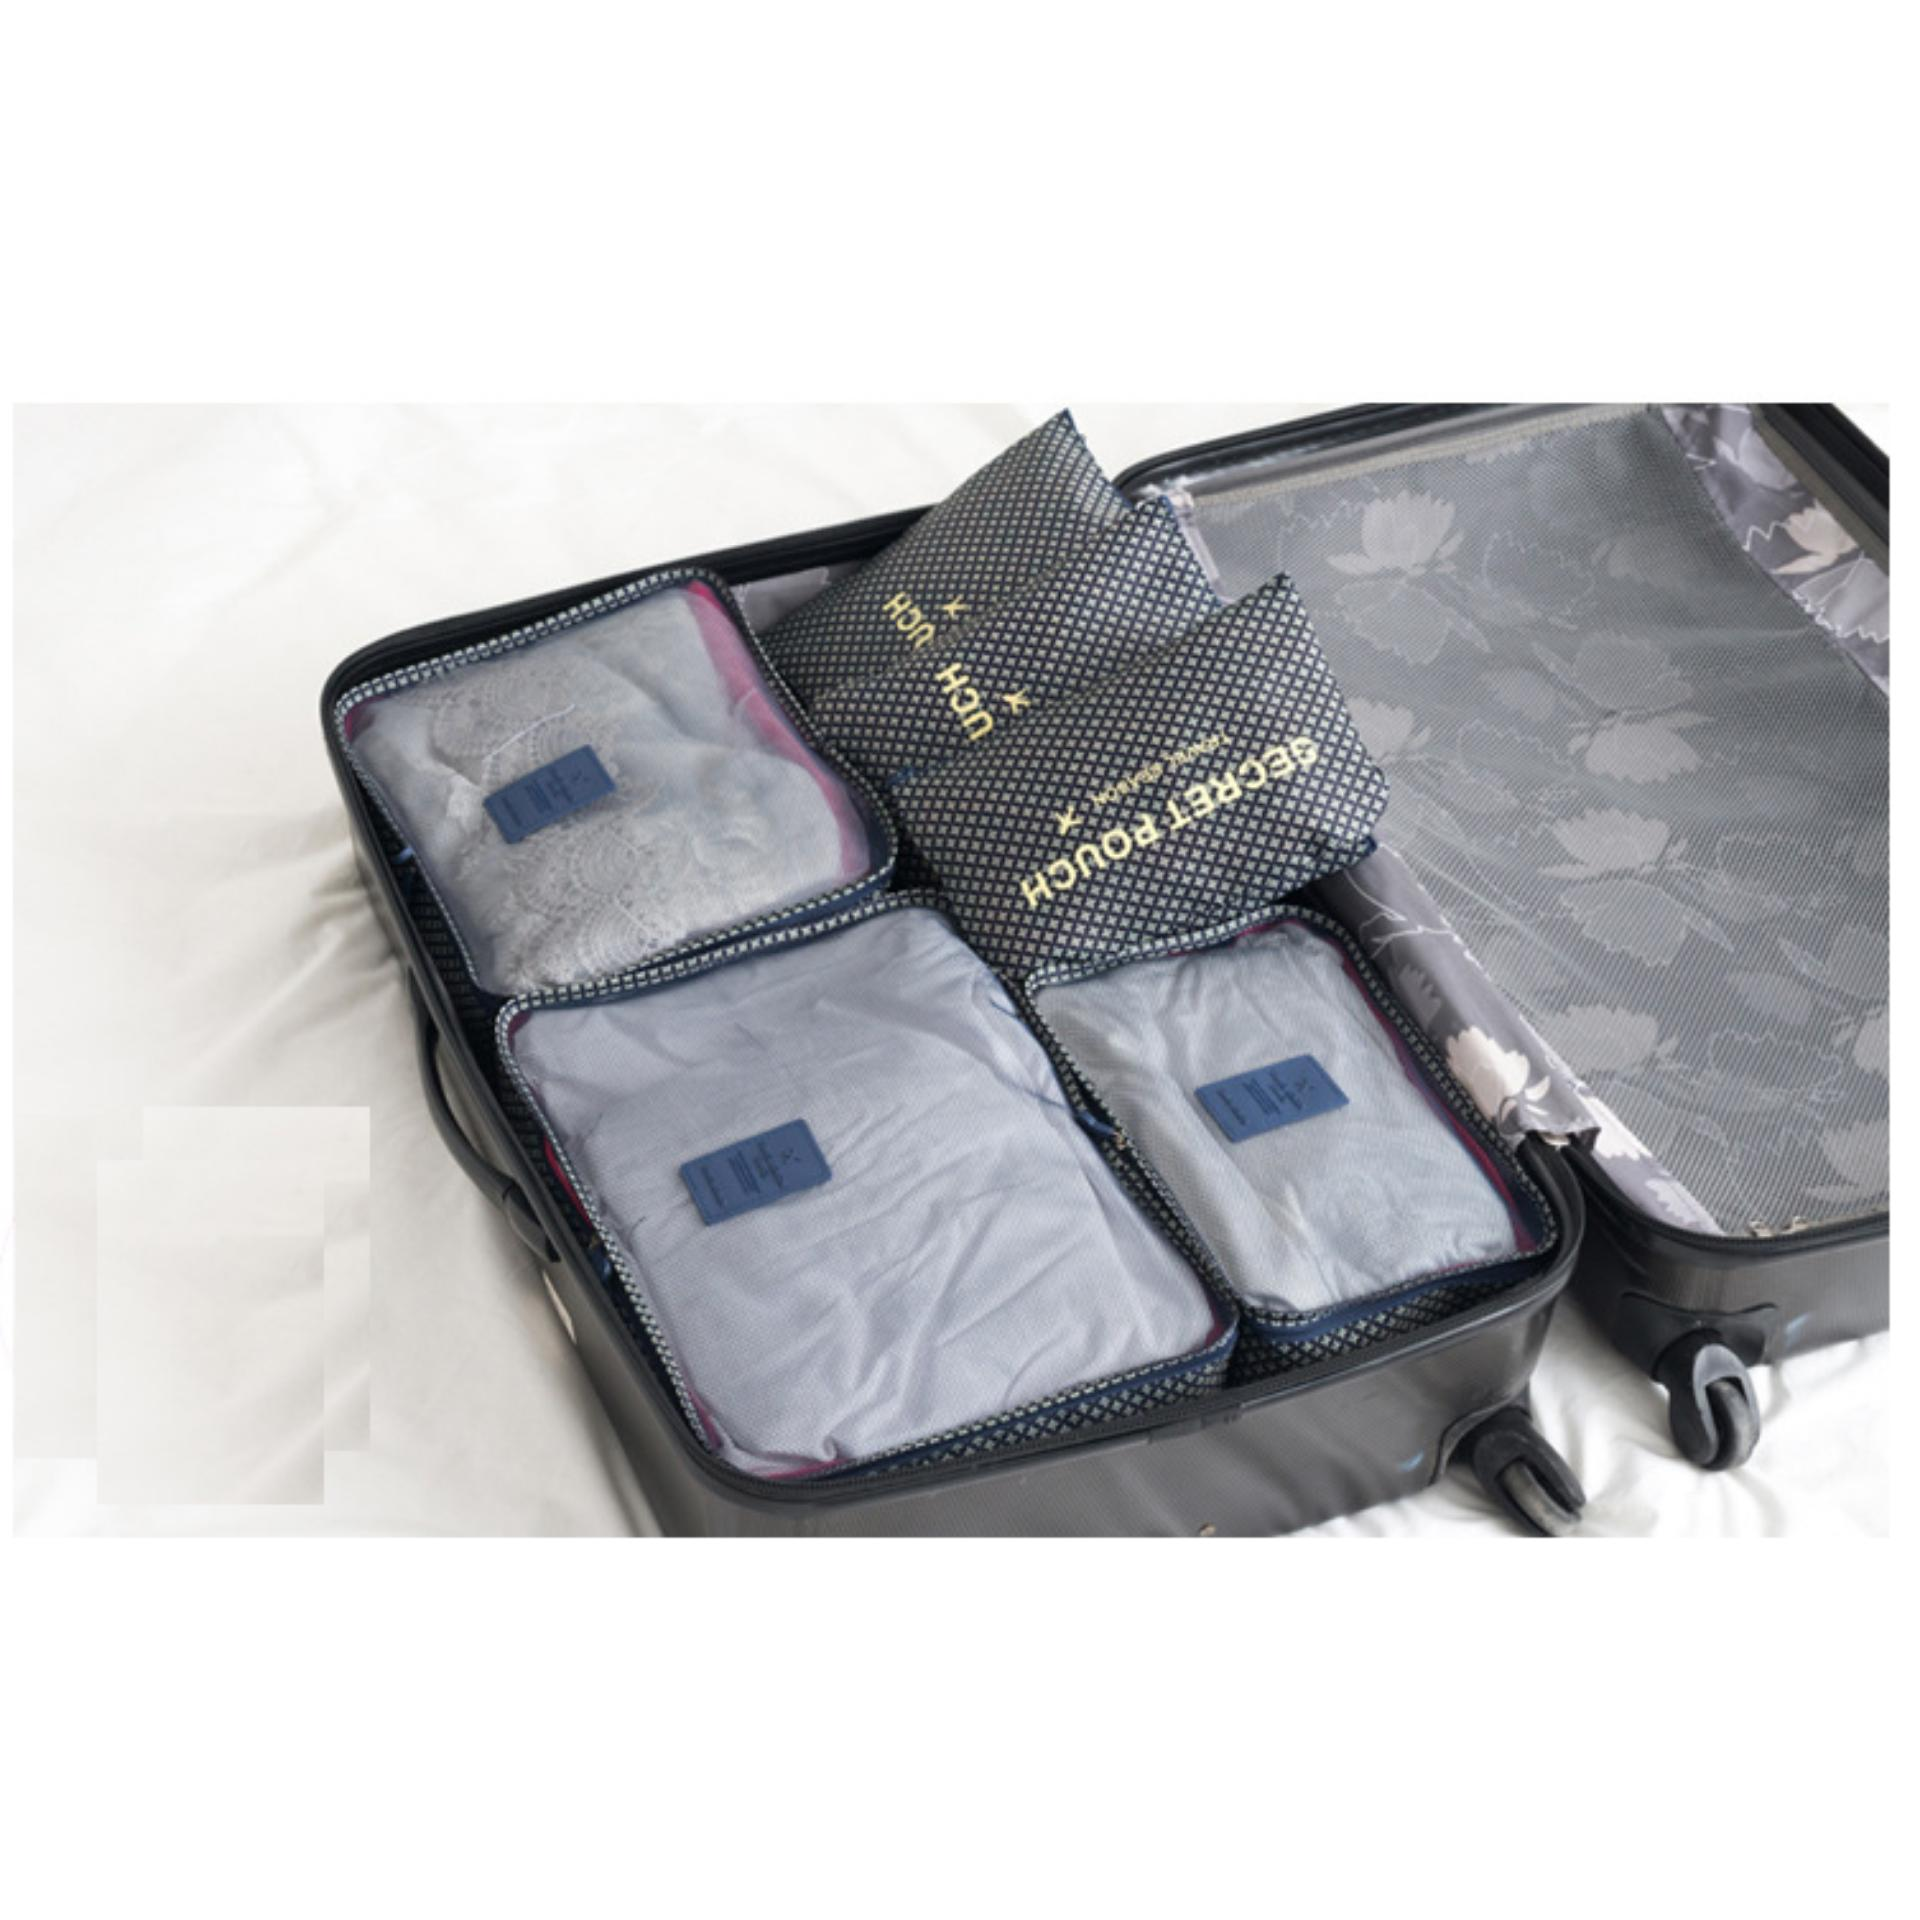 Bộ 6 túi du lịch chống thấm – Xanh dương đậm sao 4 cánh dàng cho nam